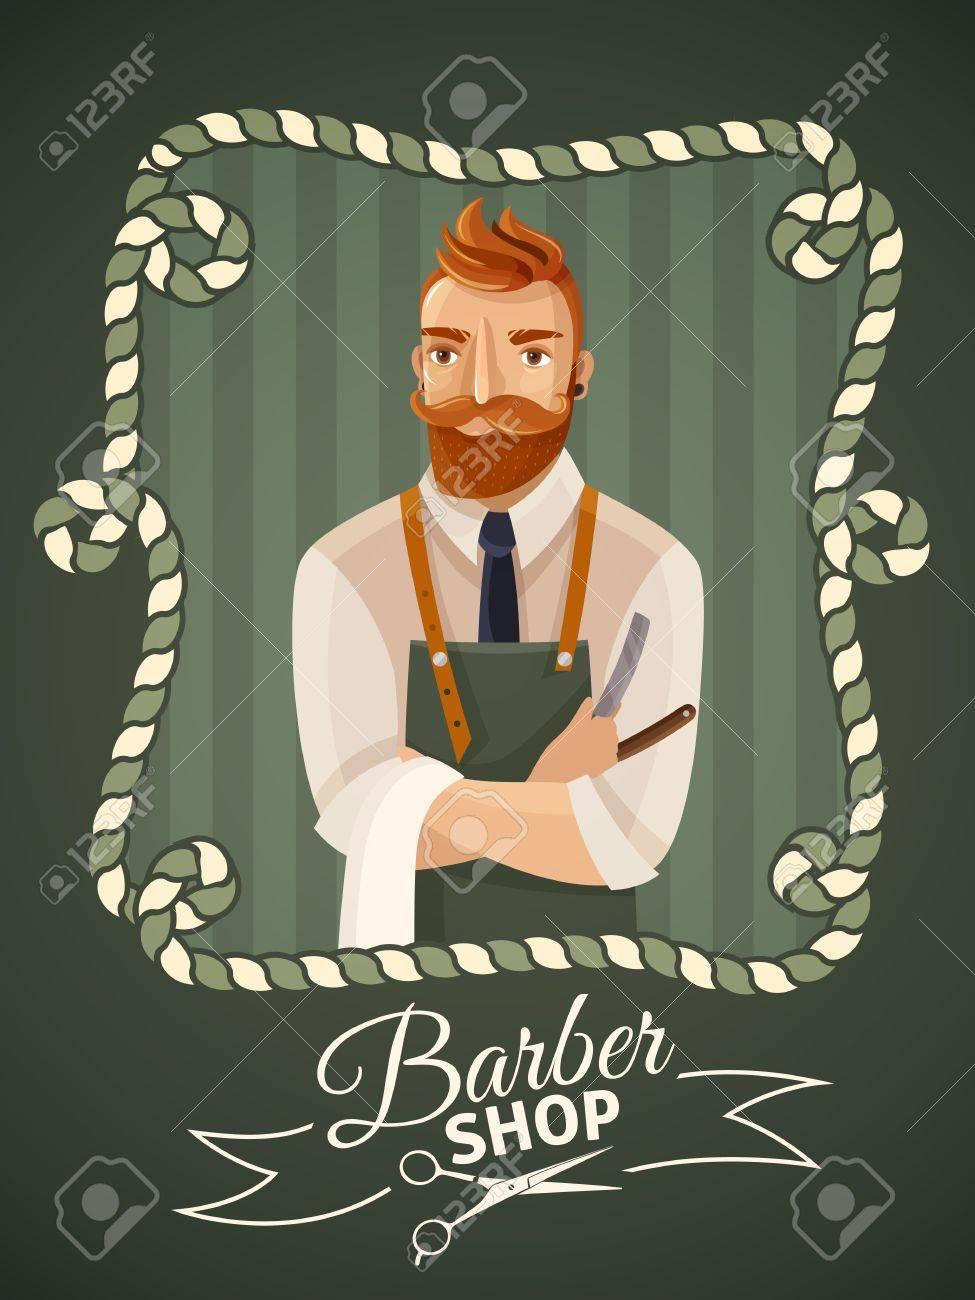 Friseursalon Plakat Vorlage Mit Hipster Männlichen Friseur In Rahmen